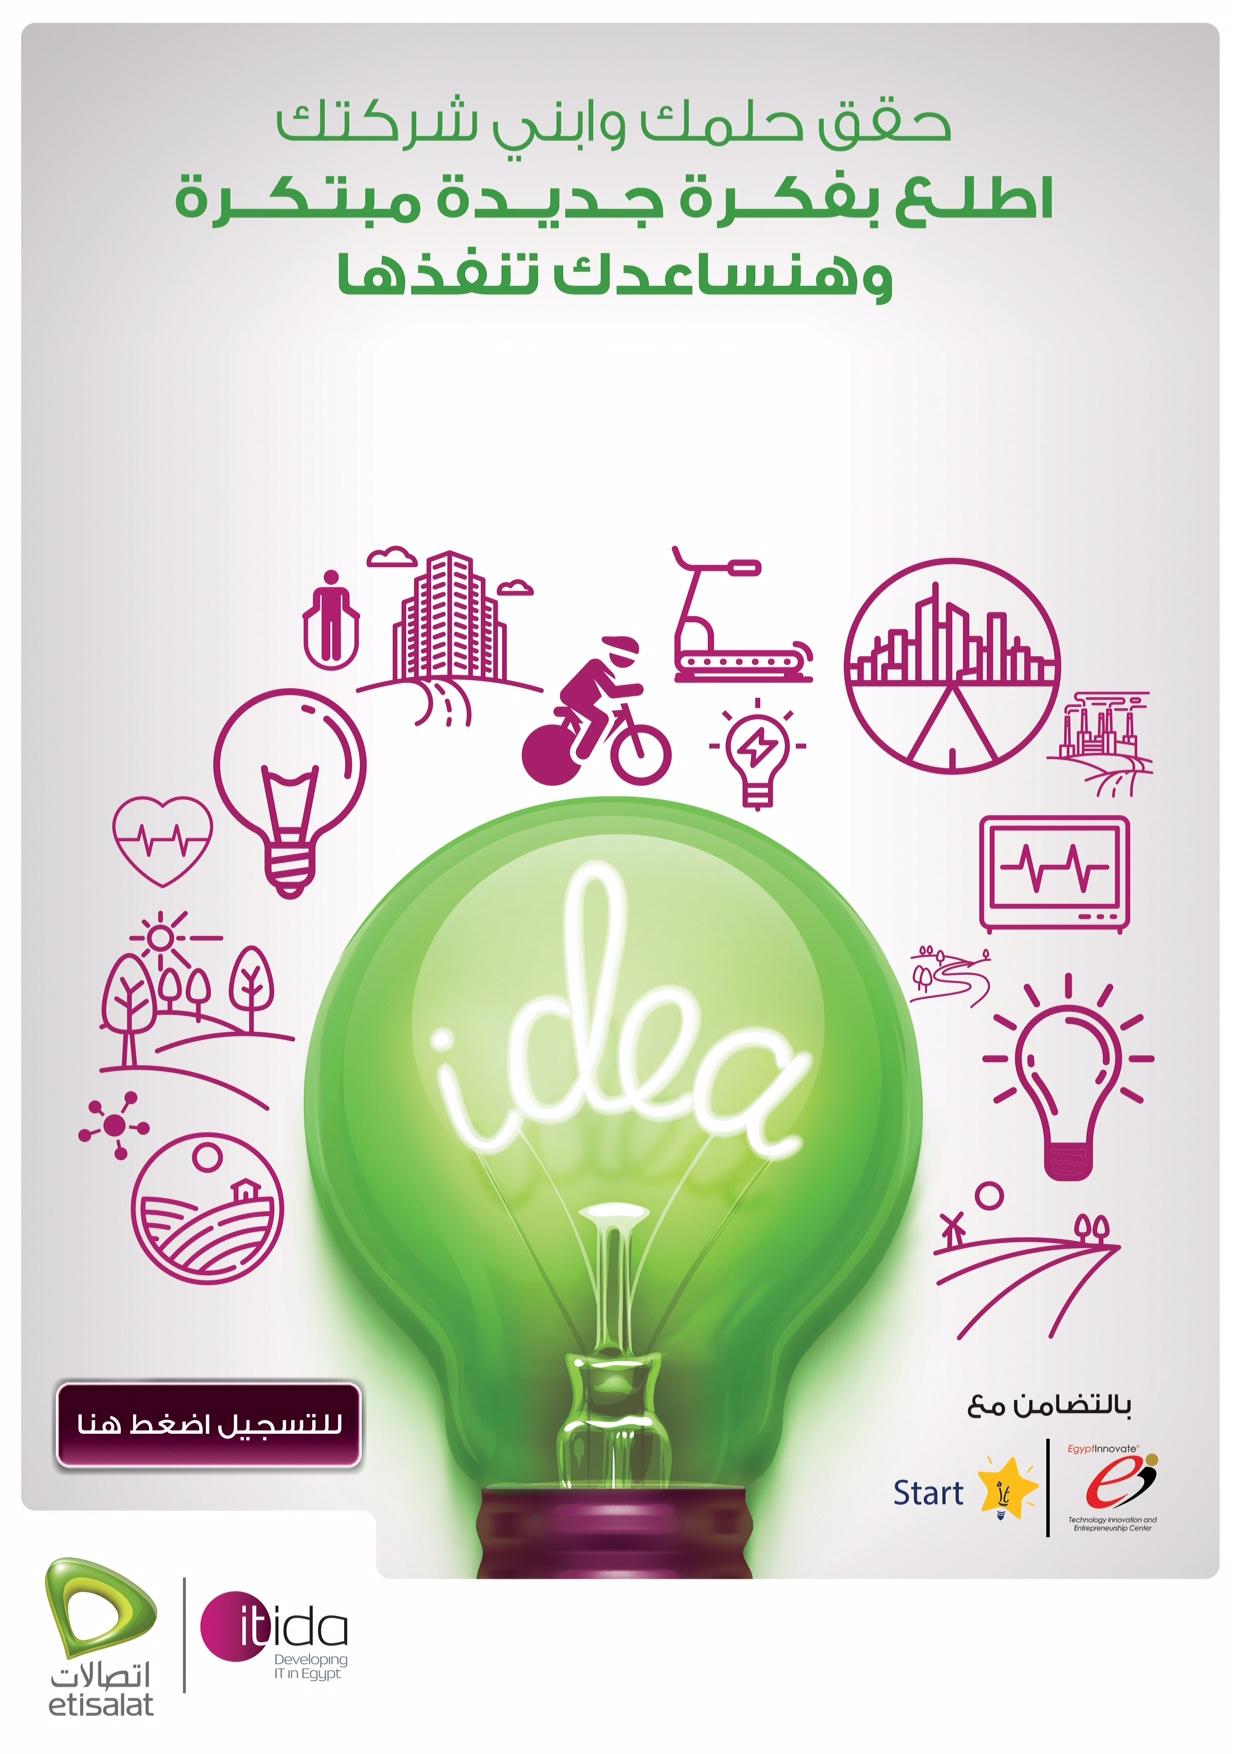 كتاب ادارة الابداع والابتكار pdf